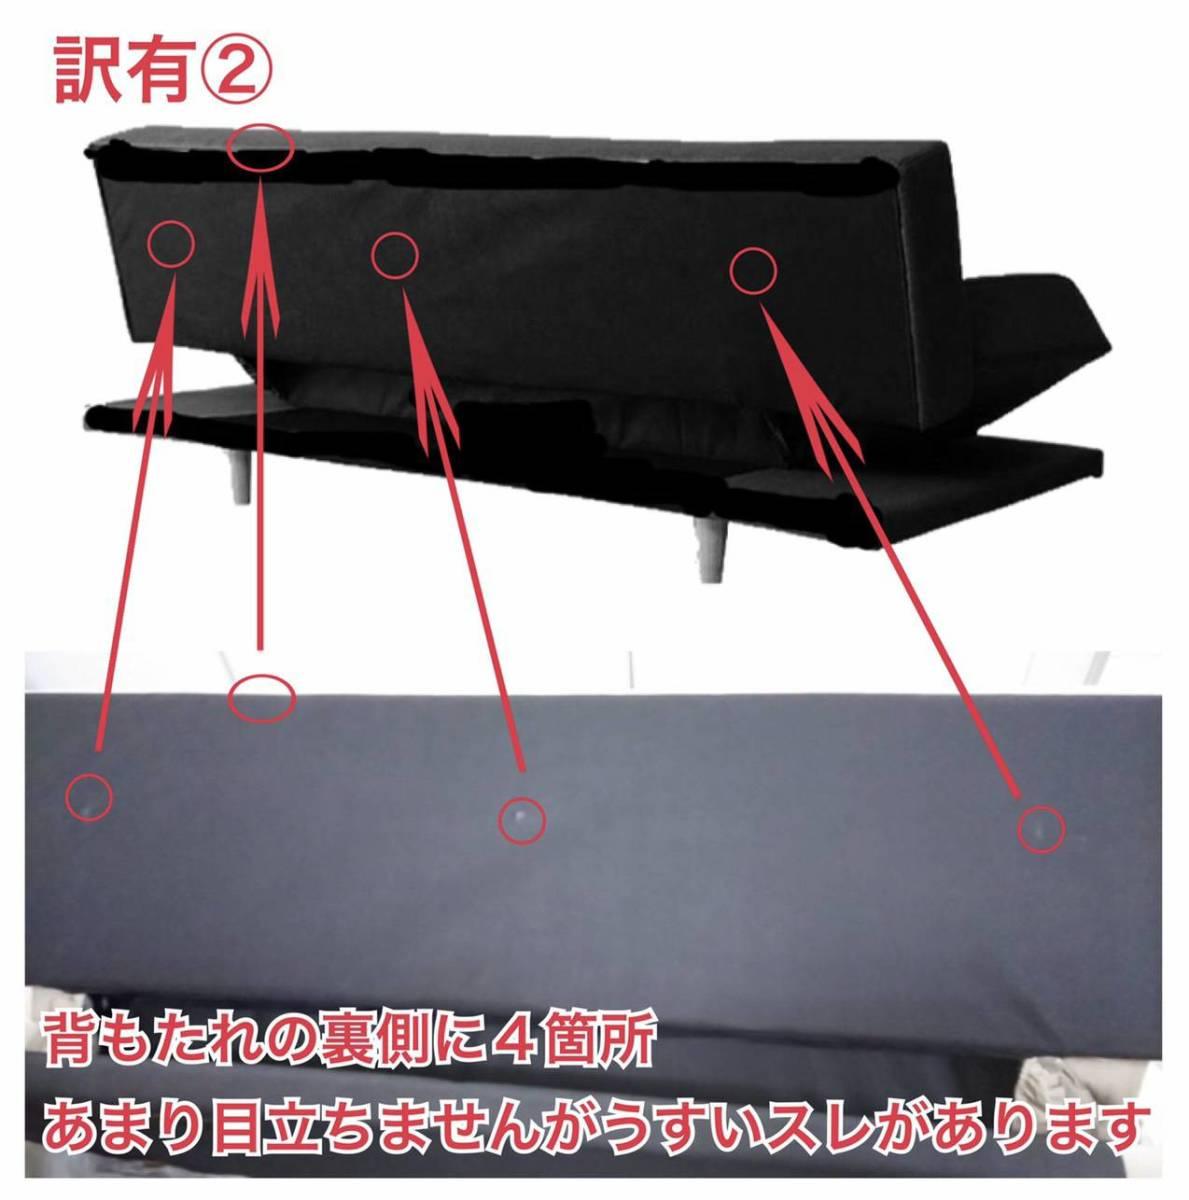 未使用訳有 幅182㎝ 背もたれ・肘掛けリクライニングソファベッド HIGH&LOW 2.5人掛 LV3123 FABベージュ_画像3